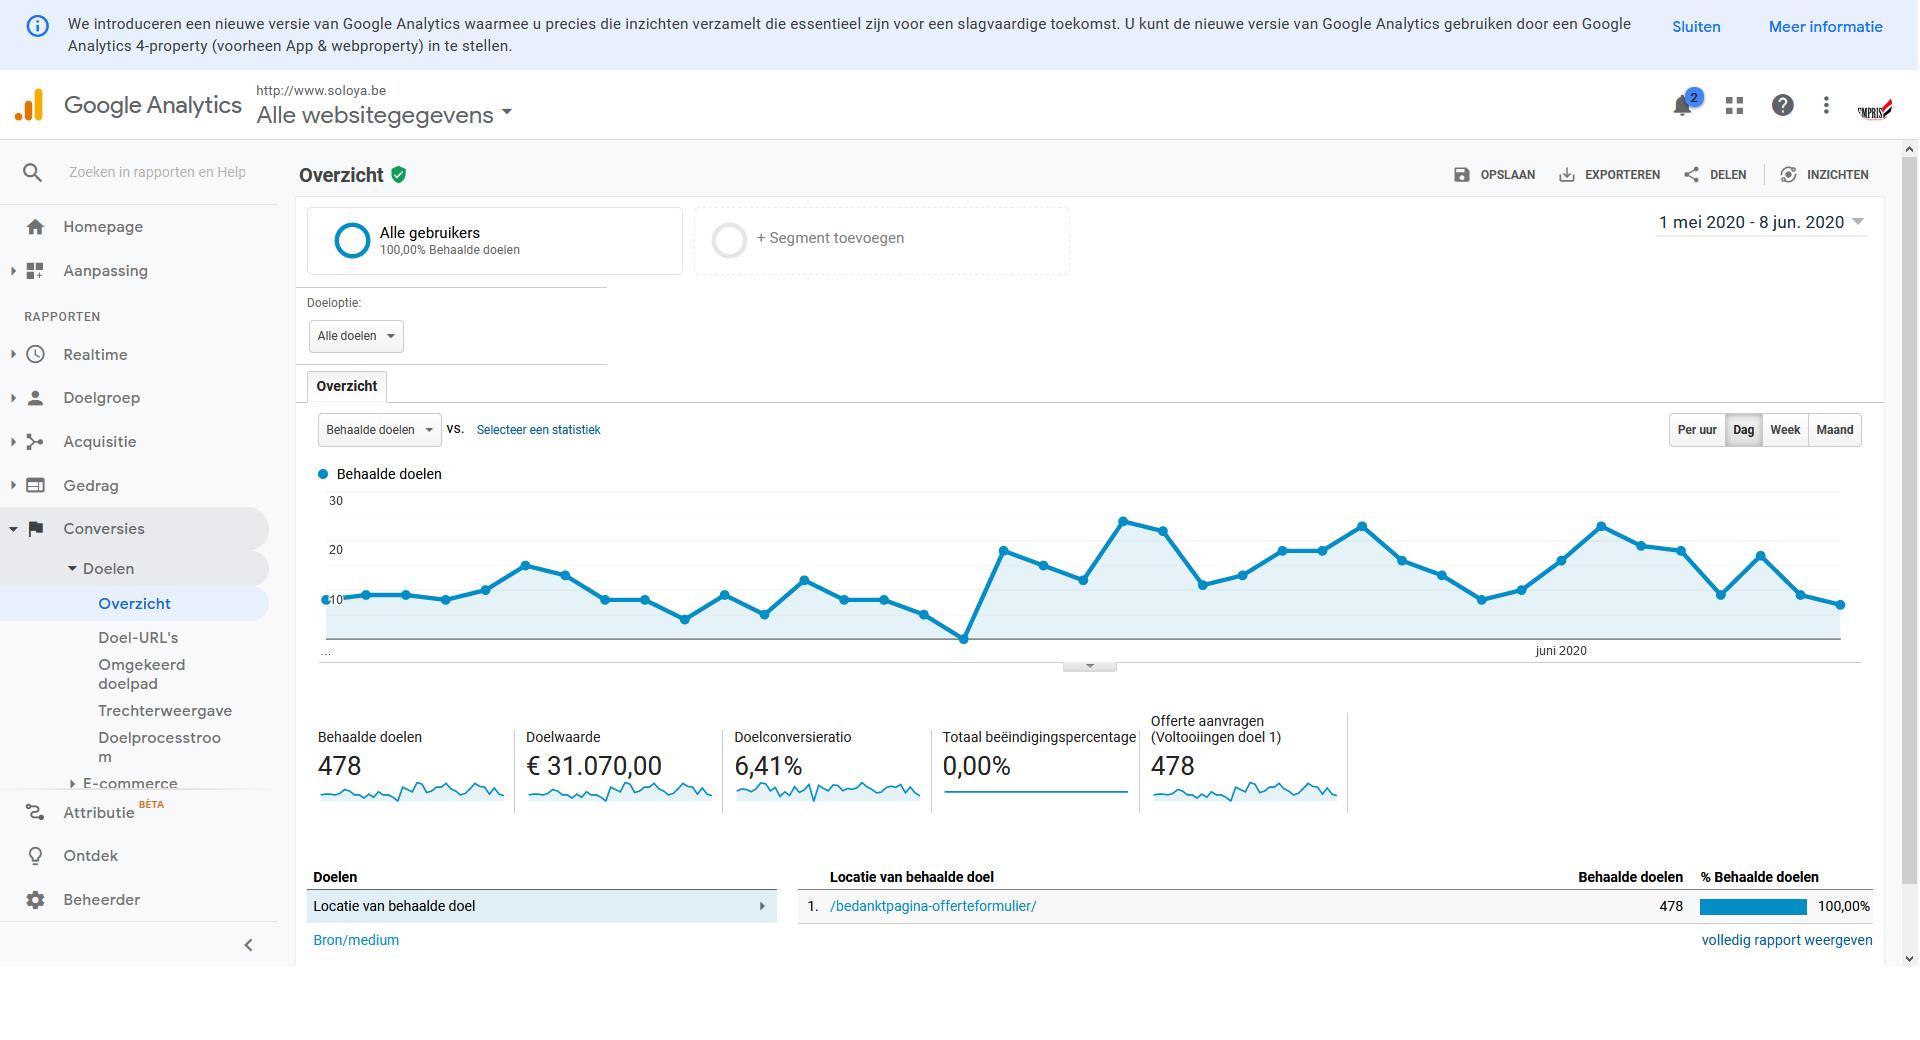 Soloya Google Analytics